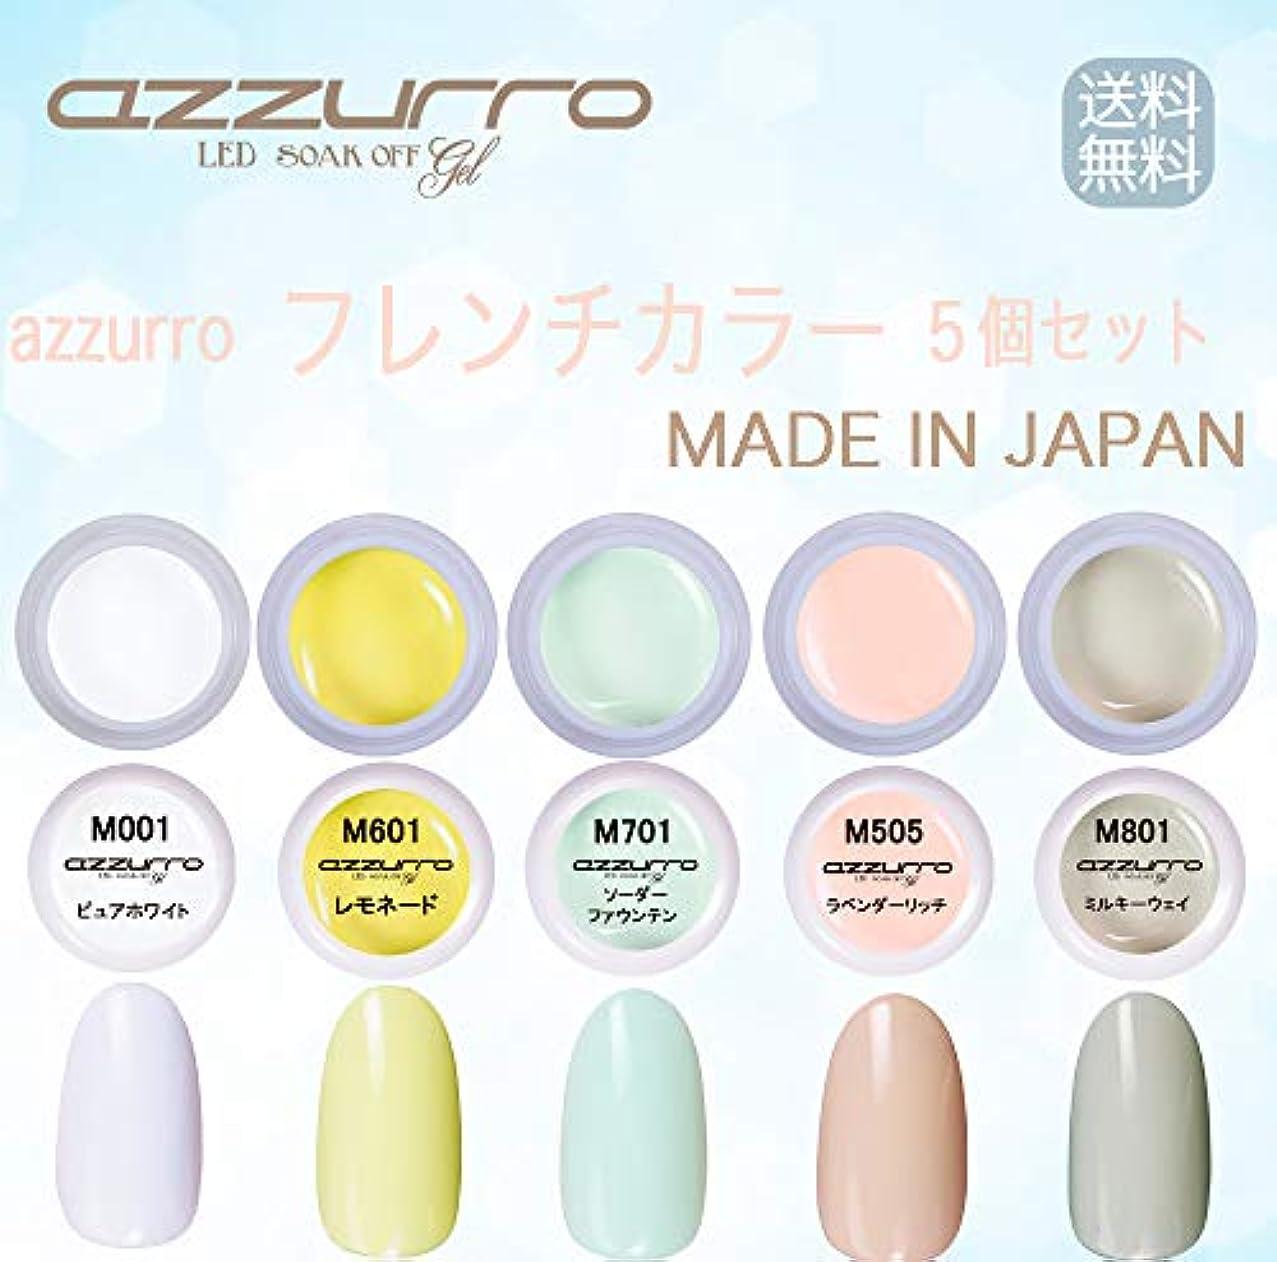 どう?把握偶然の【送料無料】日本製 azzurro gel フレンチカラージェル5個セット 春にピッタリでかわいいフレンチネイルにピッタリなカラー